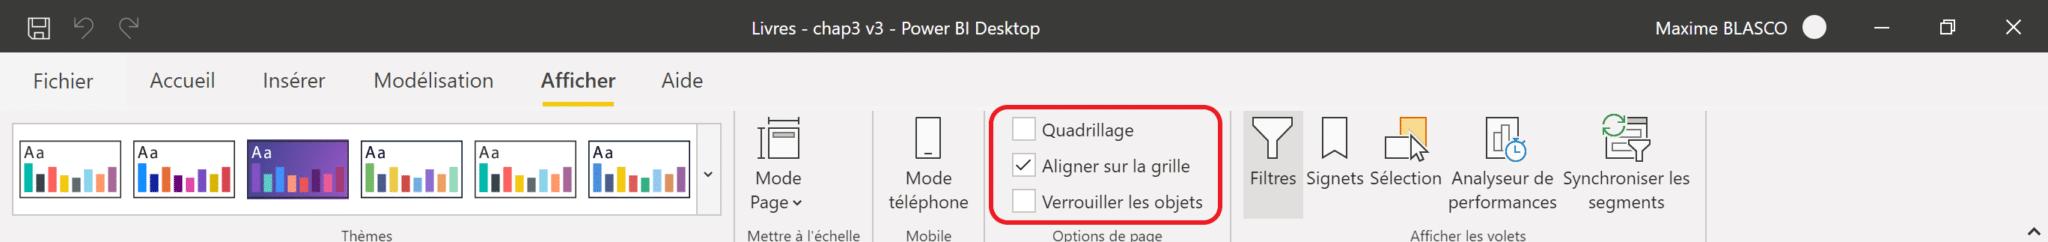 Power BI - Aligner